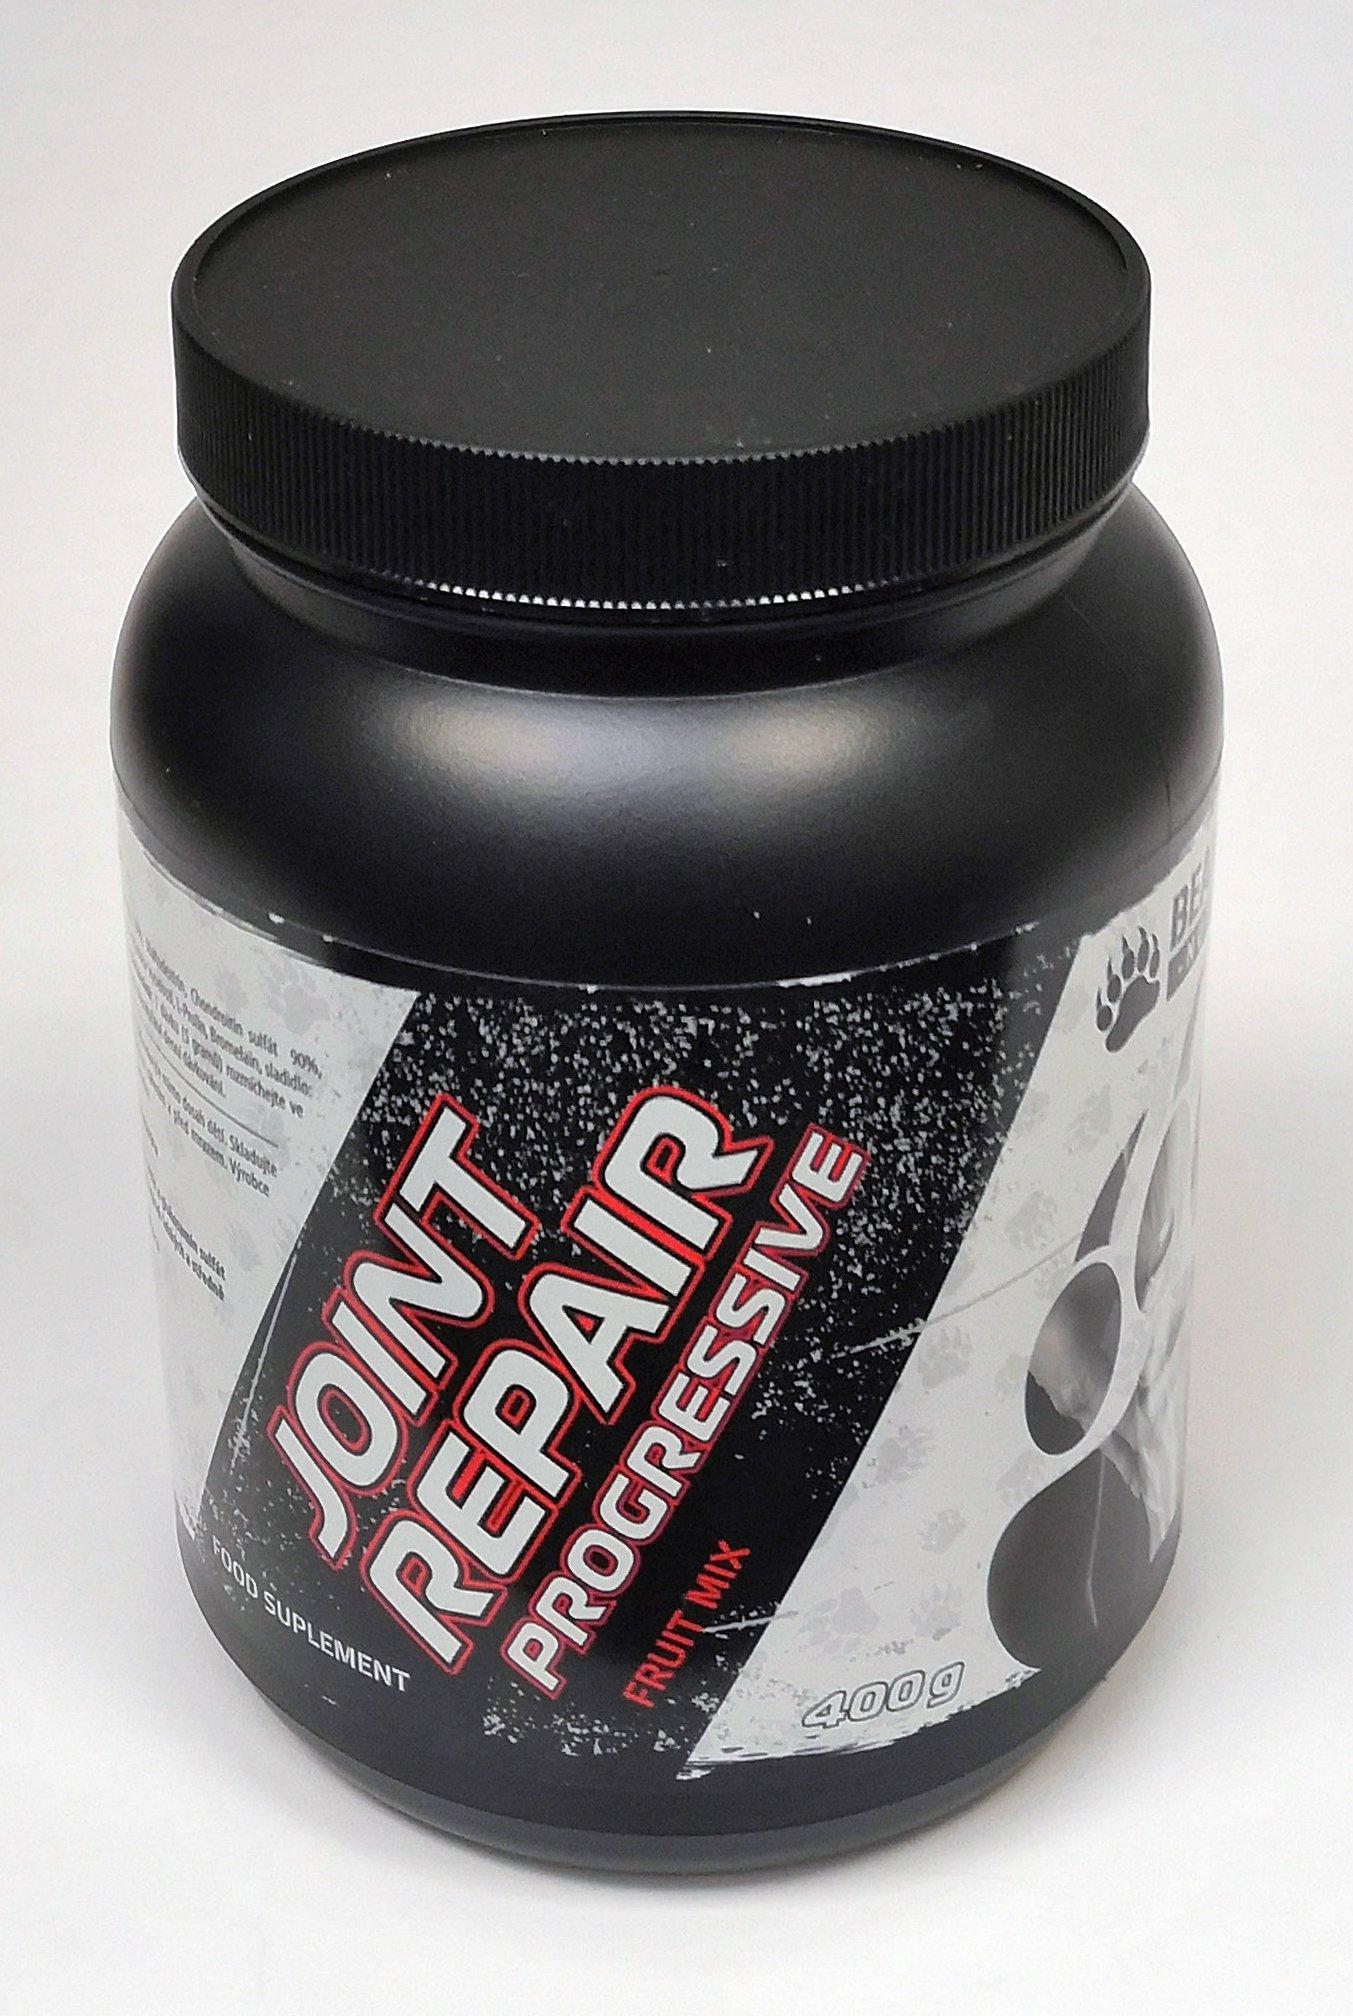 BEAR FOOT JOINT REPAIR PROGRESSIVE PJR 400g, sypká kloubní výživa s vitaminy a dalšími látkami